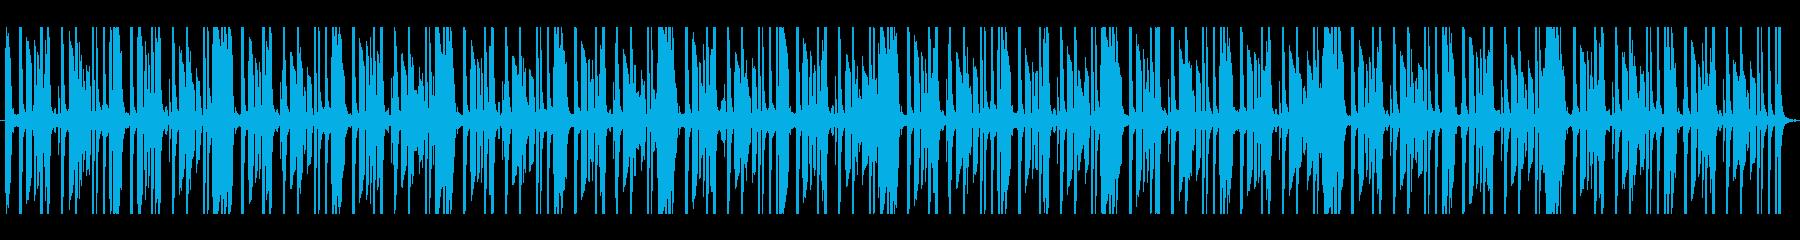 怪しげなサウンドのリズム系トラックです。の再生済みの波形